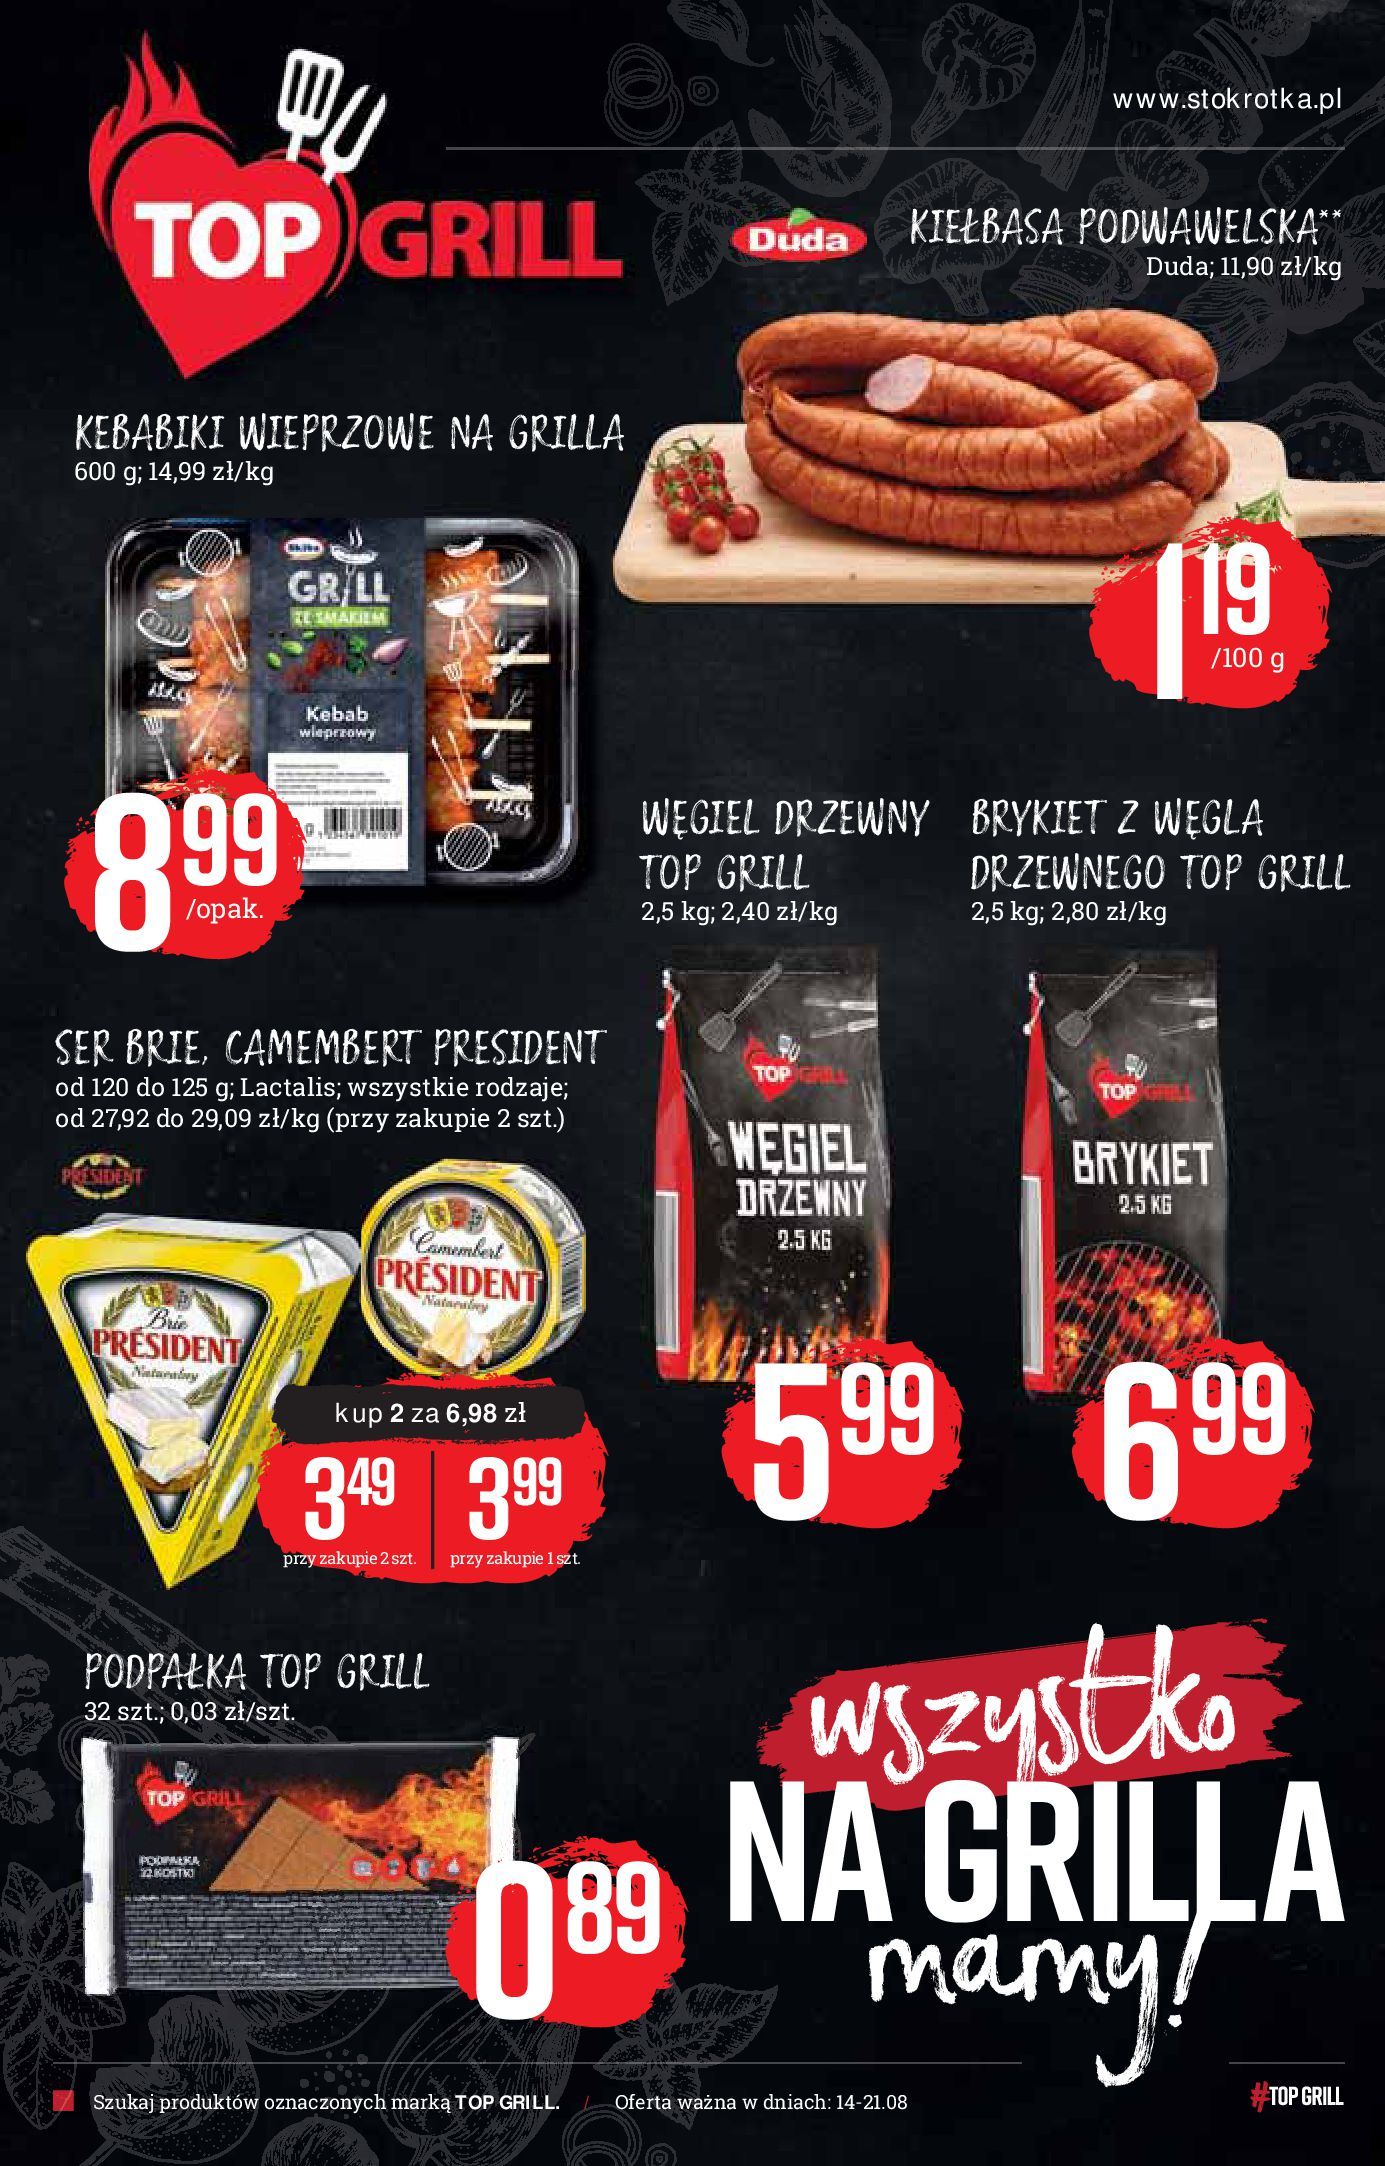 Gazetka Stokrotka Supermarket - Gazetka supermarket-13.08.2019-21.08.2019-page-3